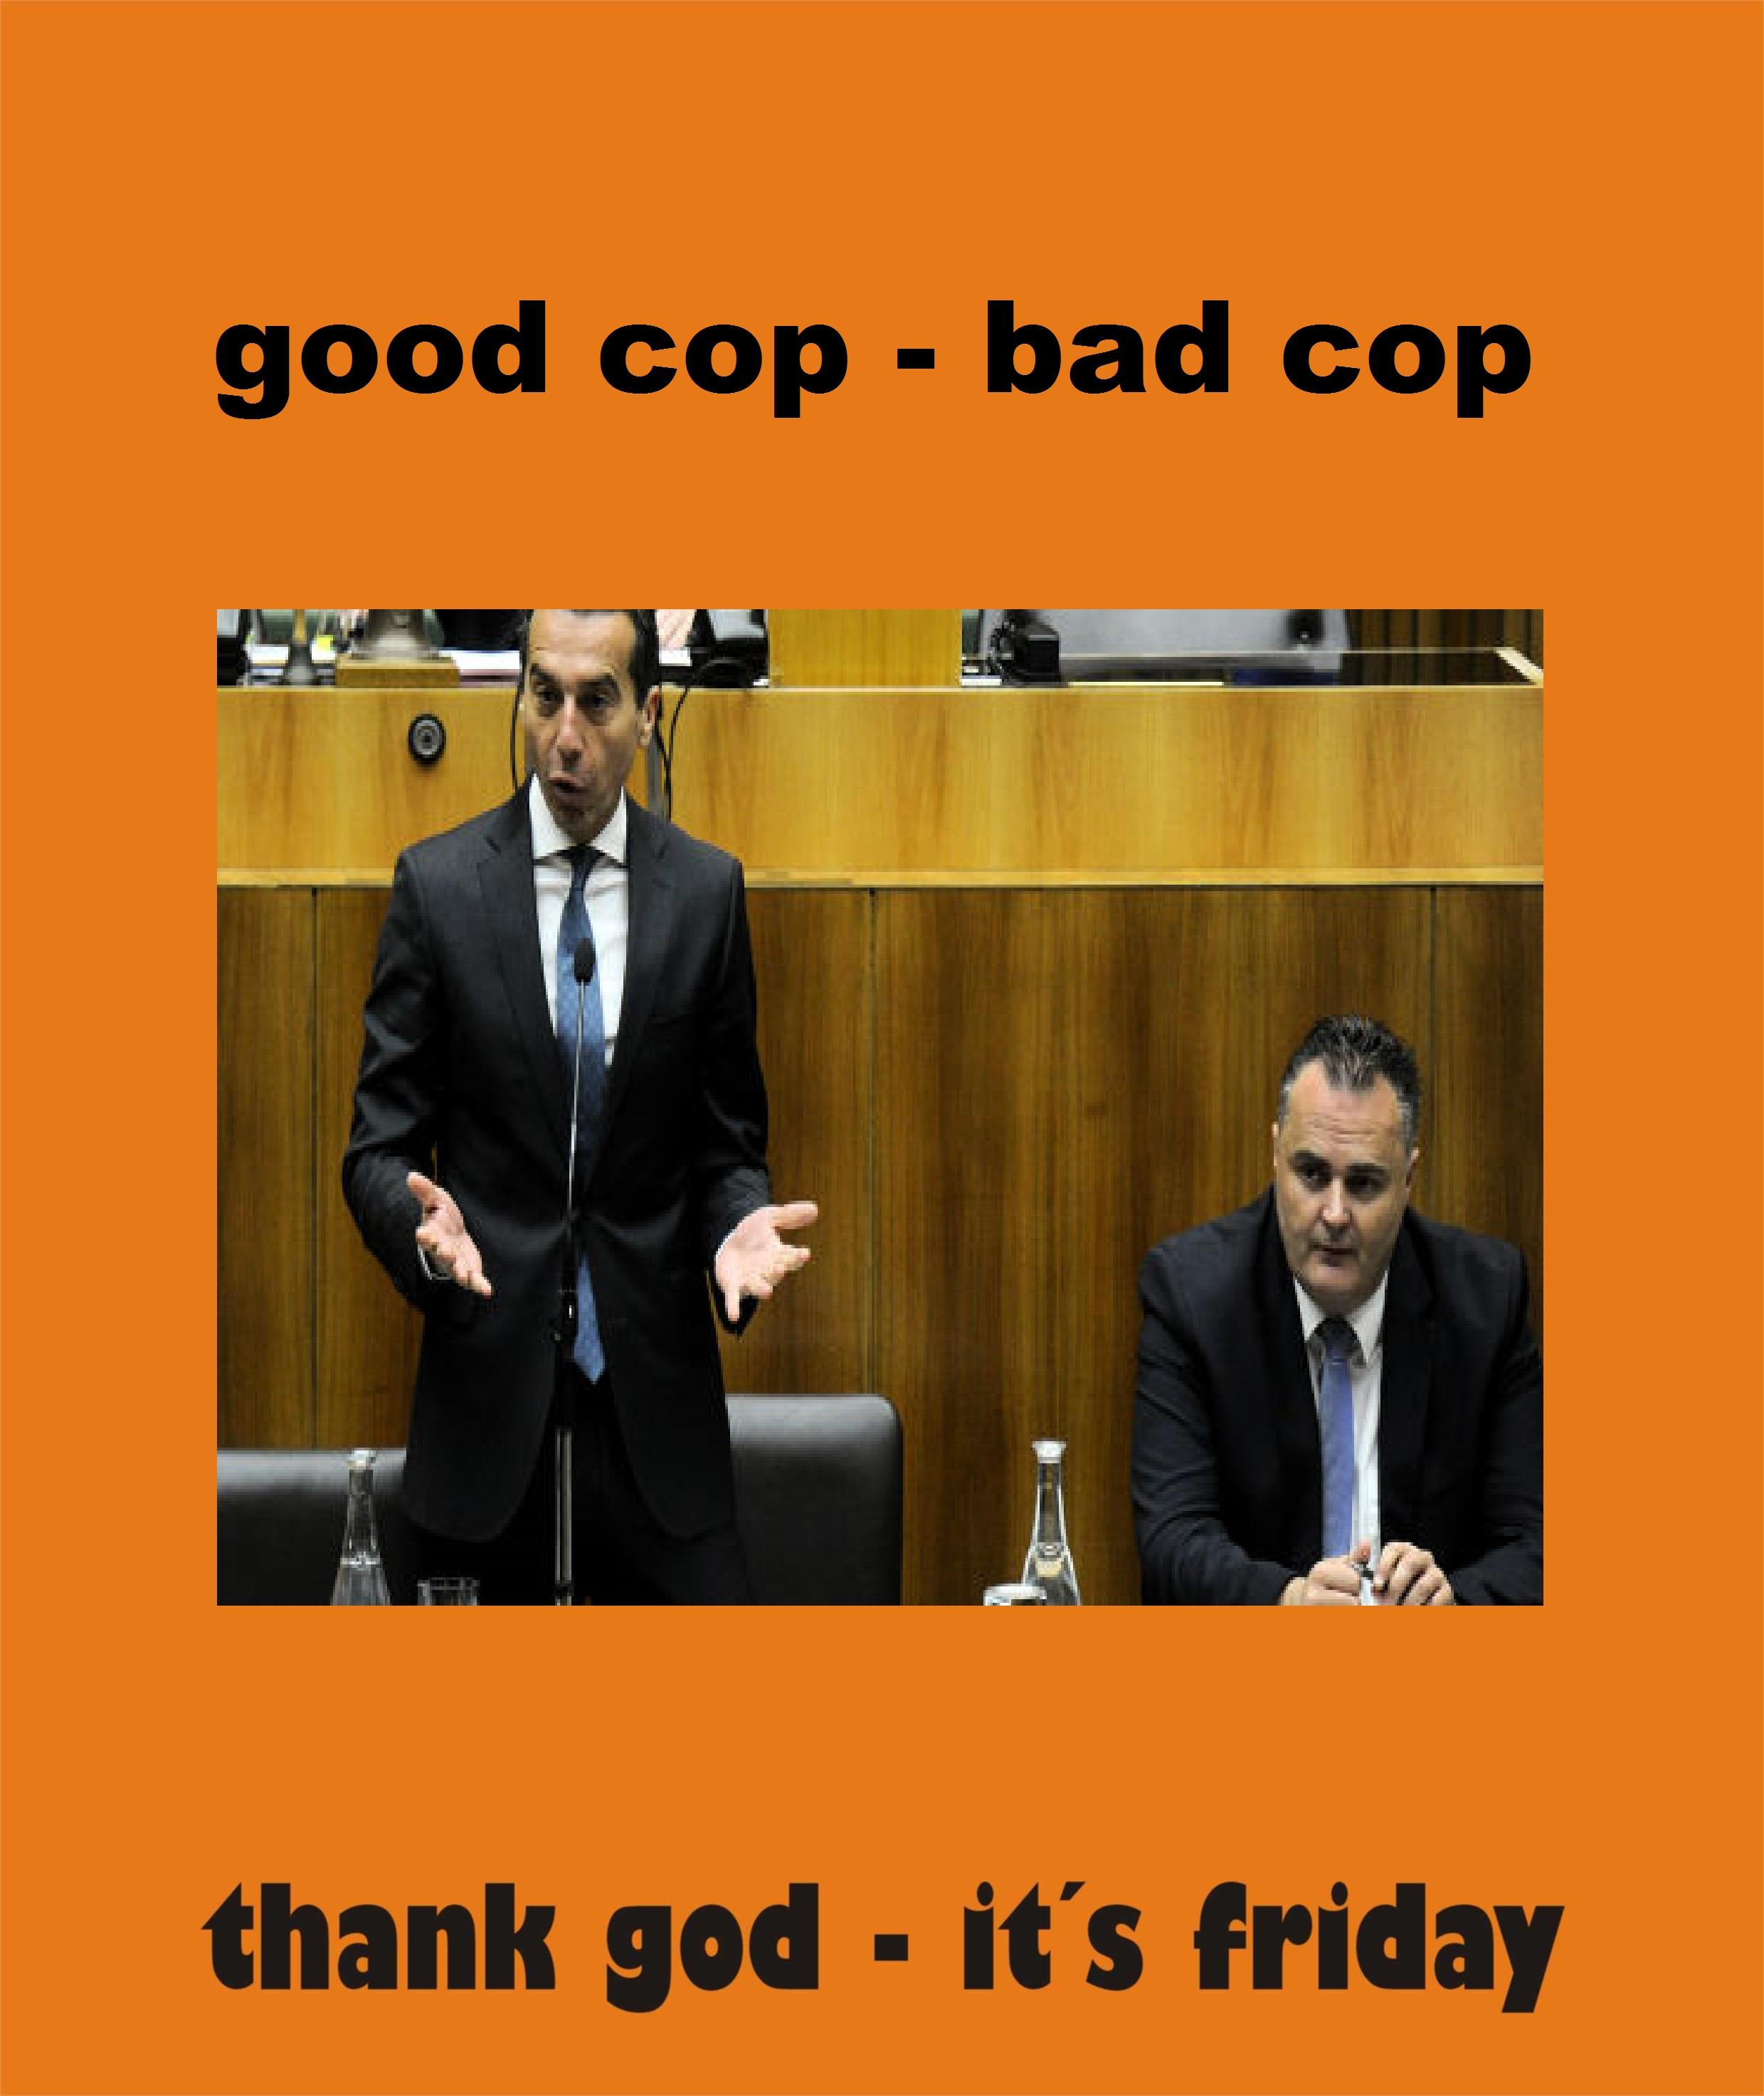 good cop - bad cop